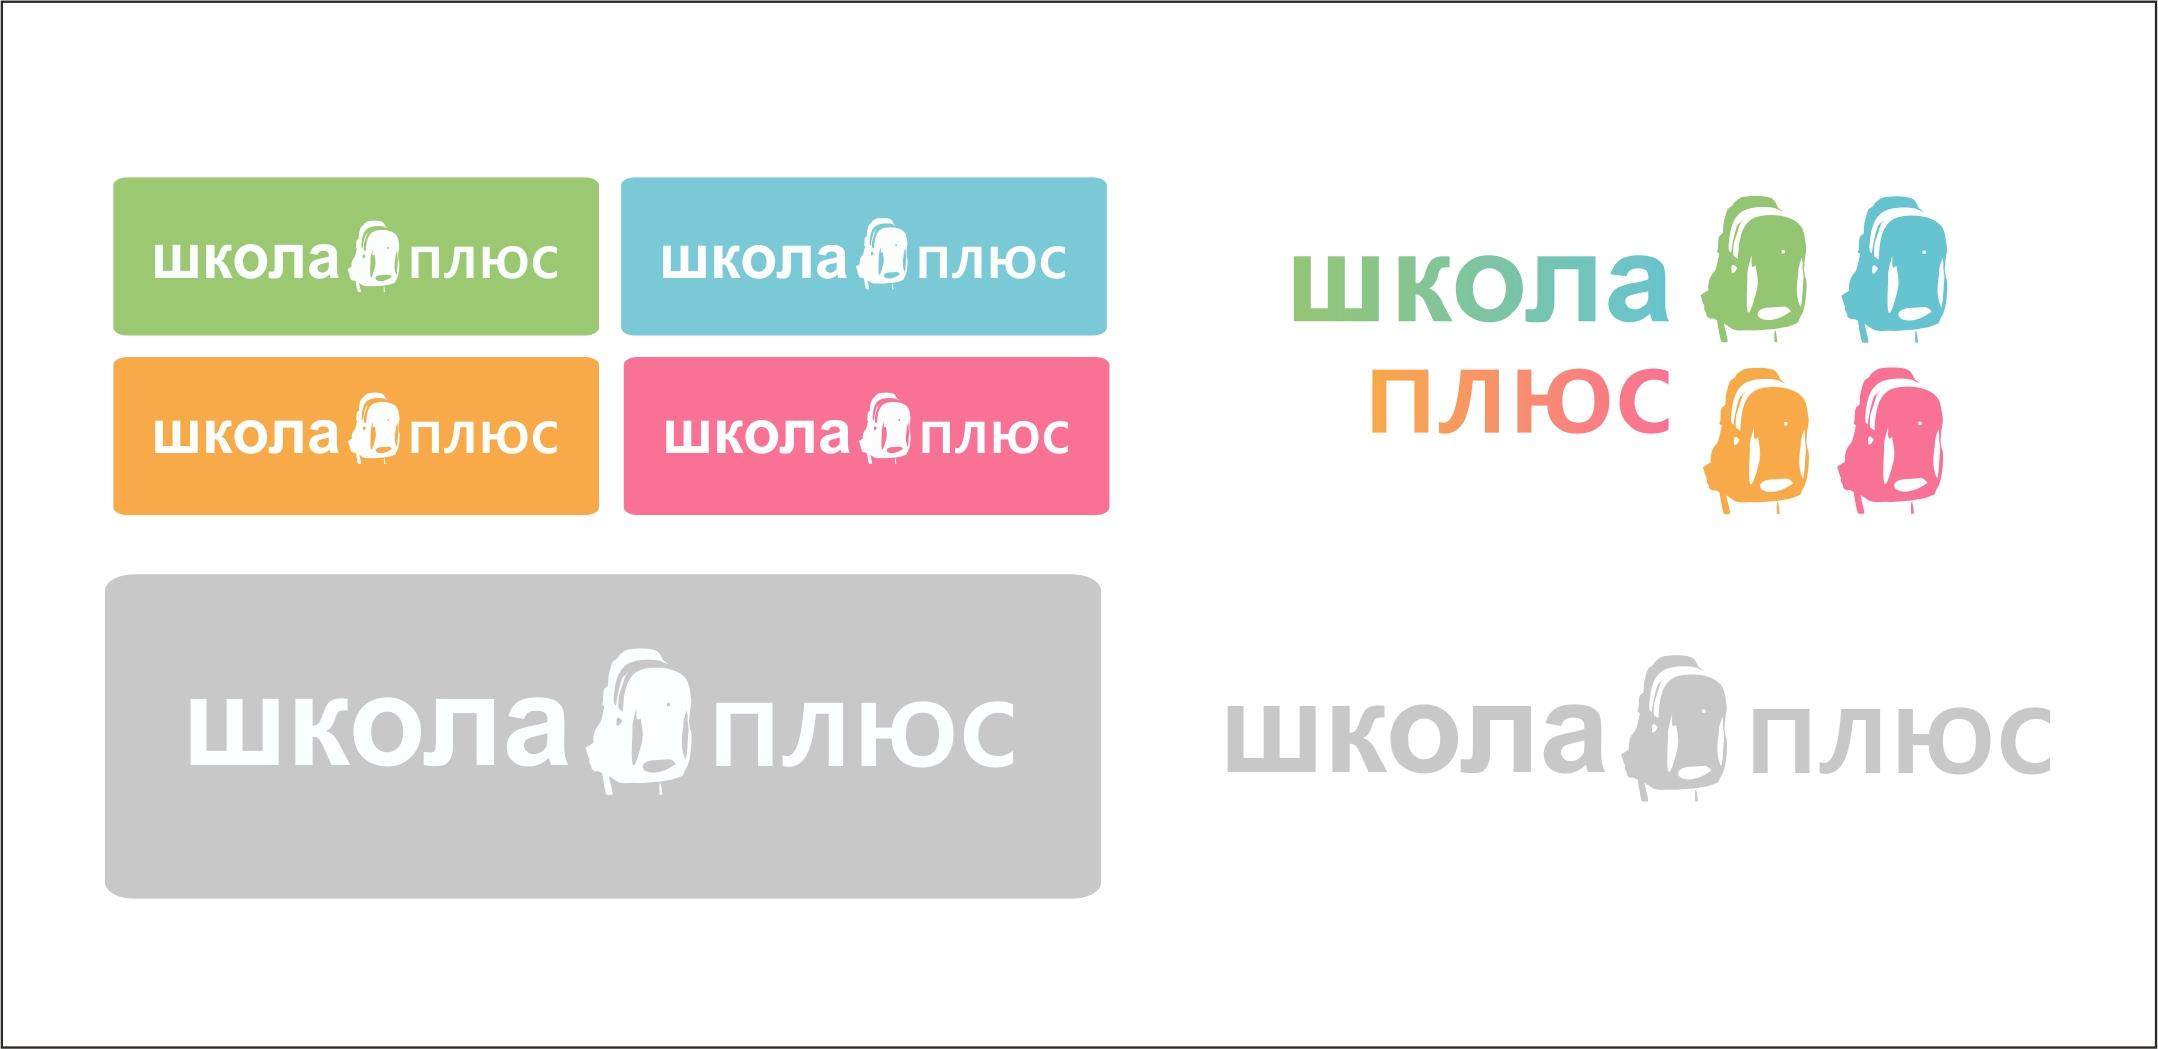 Разработка логотипа и пары элементов фирменного стиля фото f_4dad6ee4108d7.jpg